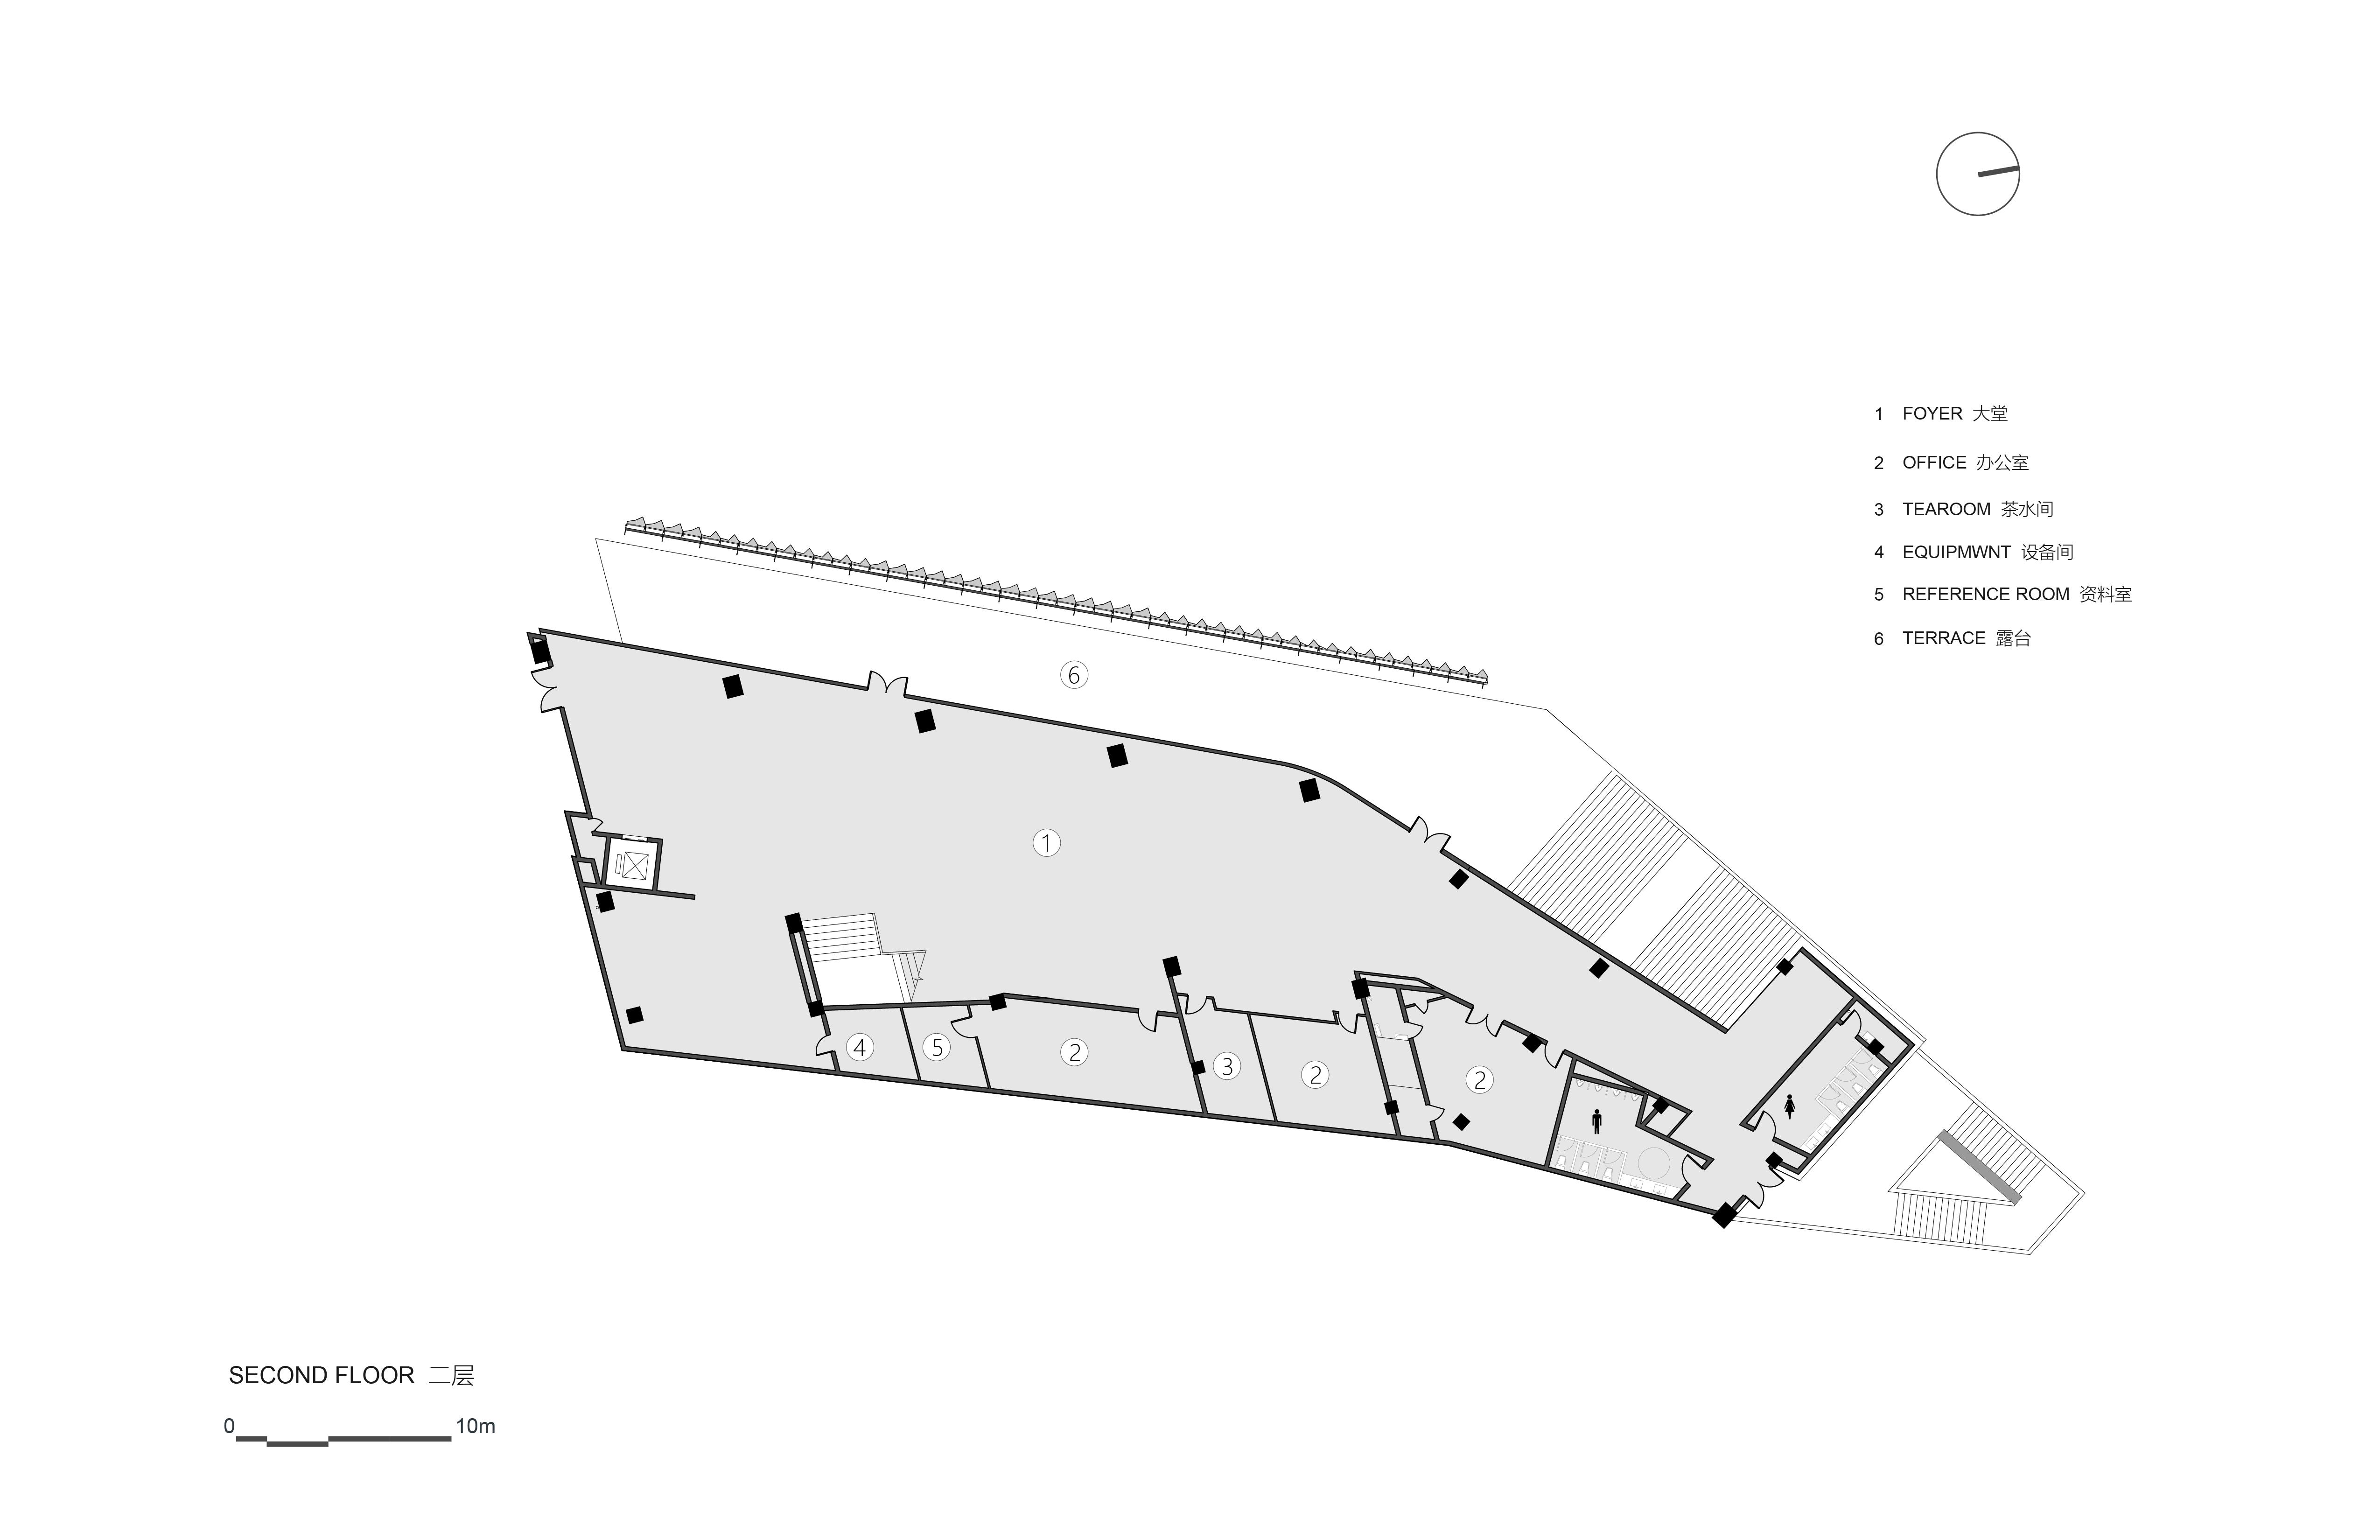 m5 plan-2-02.jpg